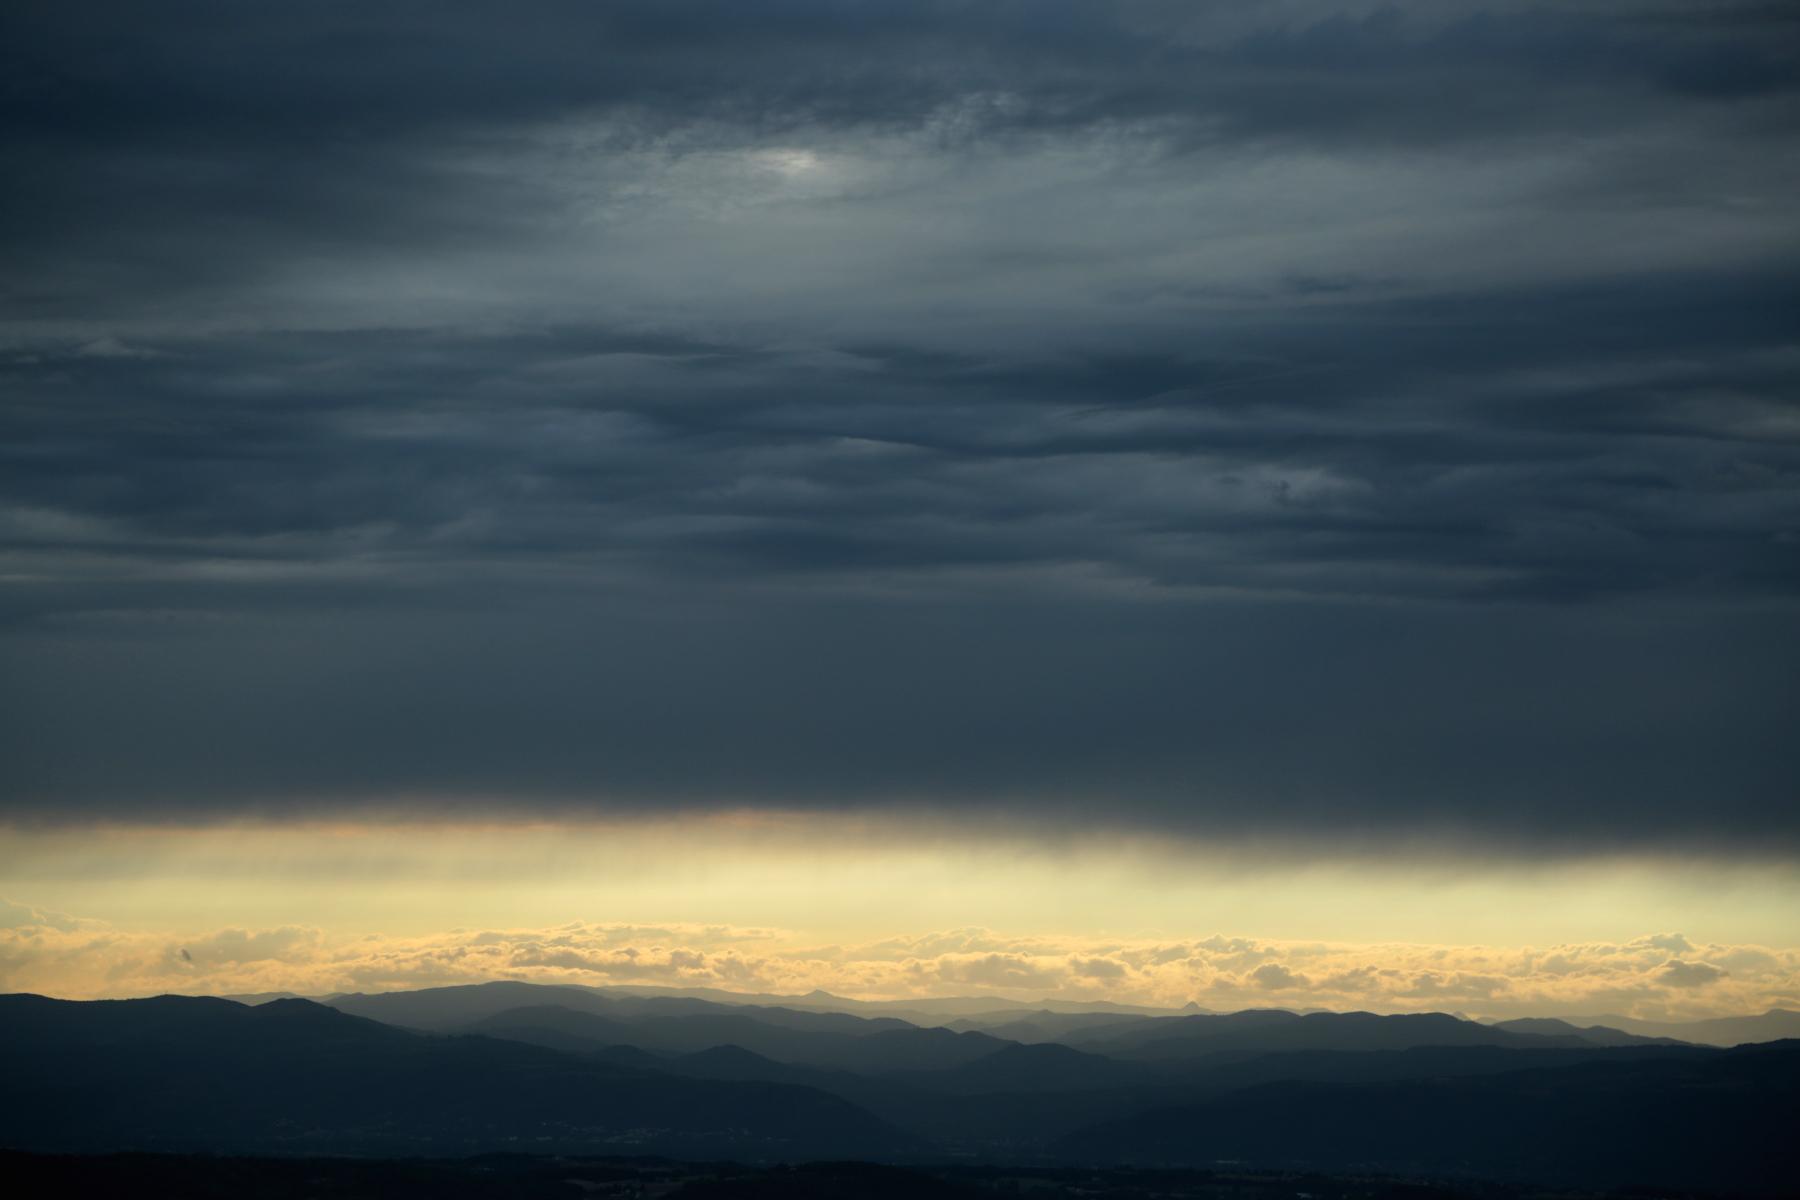 Une fenêtre entre terre et ciel